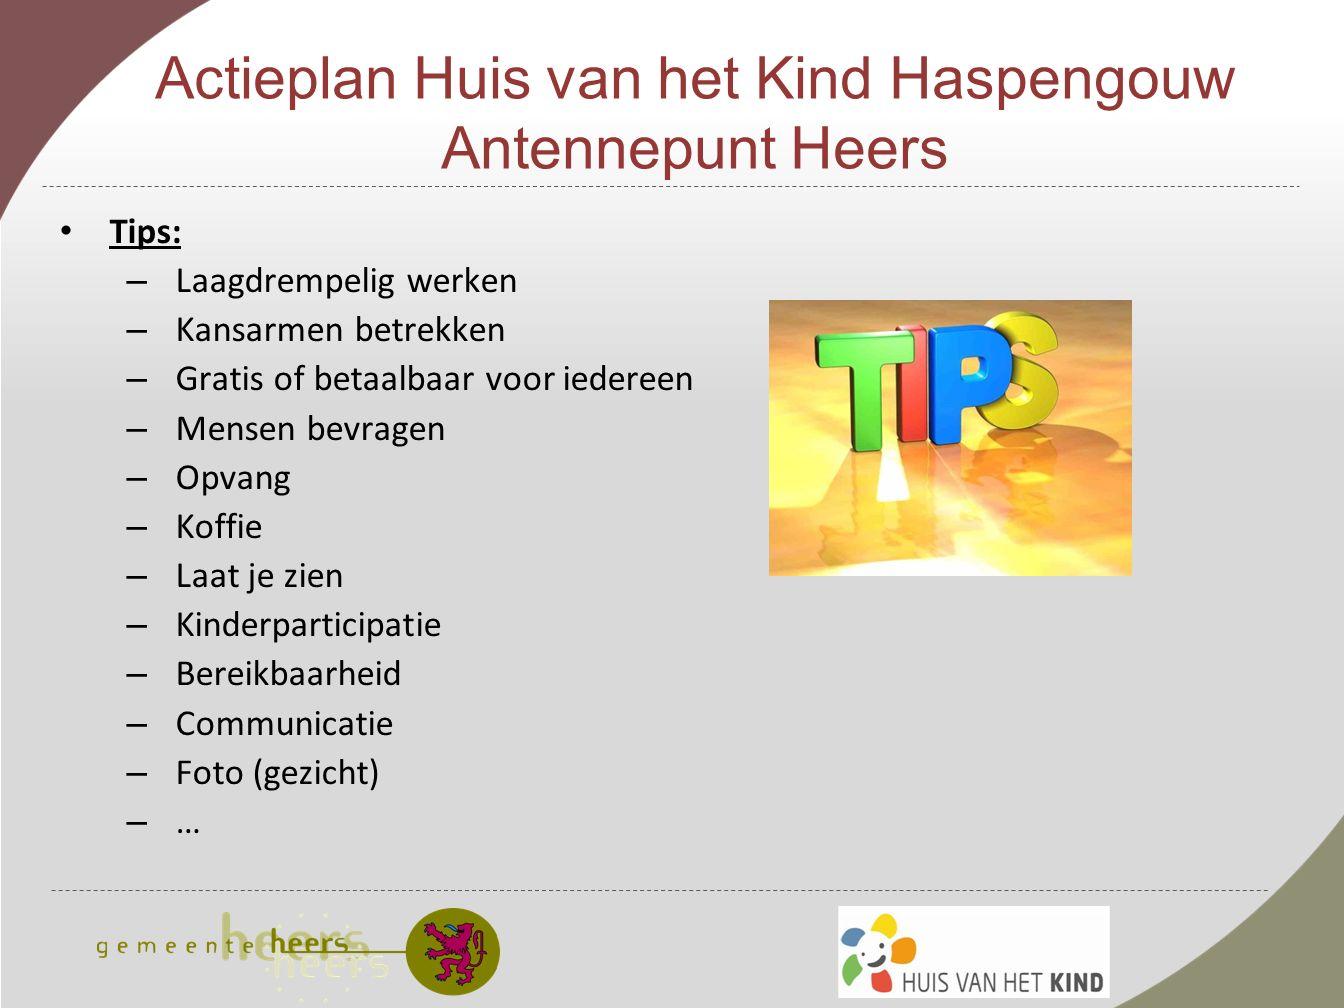 Actieplan Huis van het Kind Haspengouw Antennepunt Heers 3.